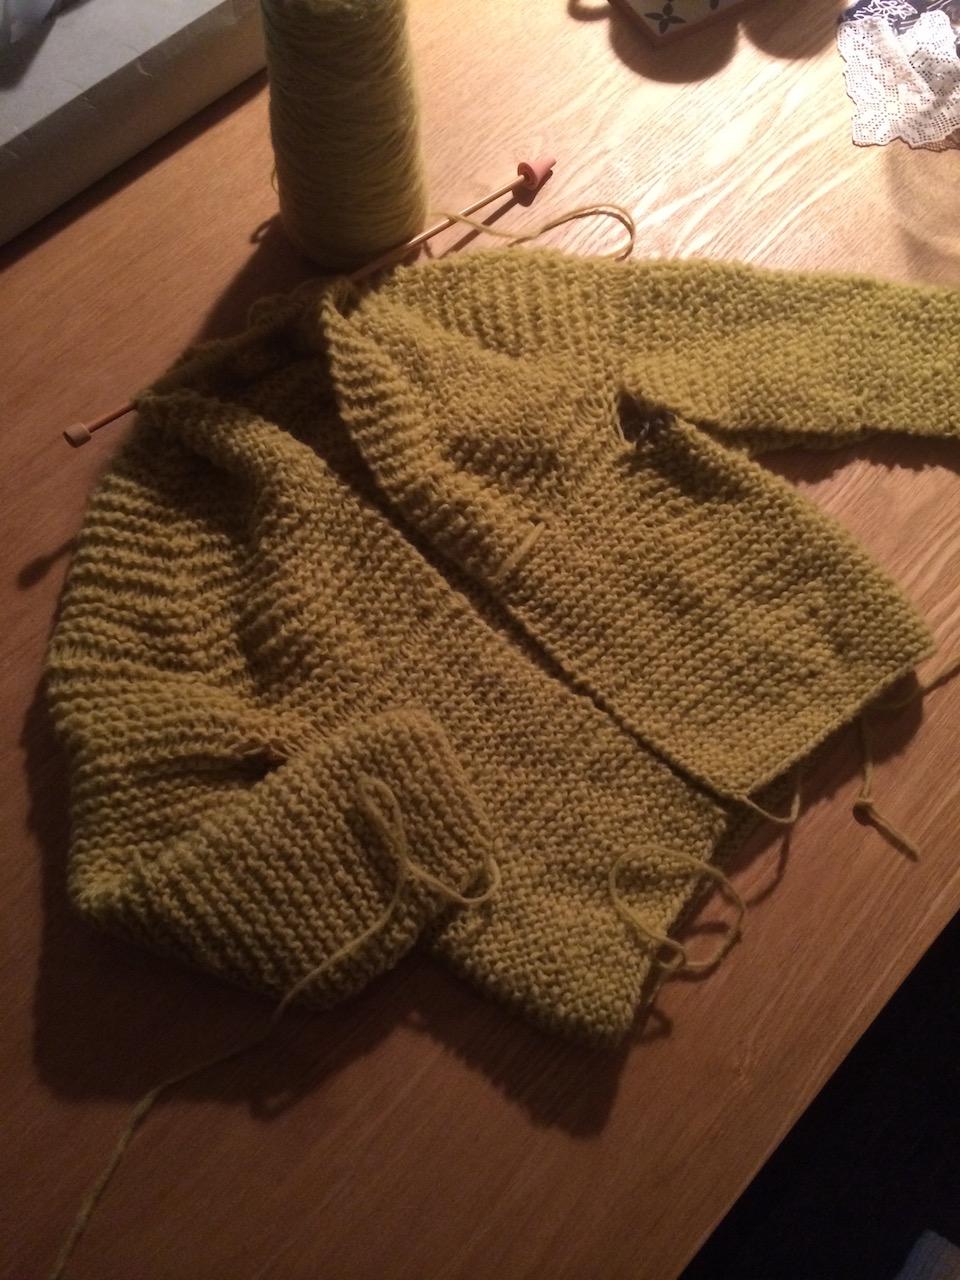 あと少し。寝なければ、と思いつつもあと少しと思うと止まらなくなる。真夜中の編み物は頭の整理にもなってまた格別です。